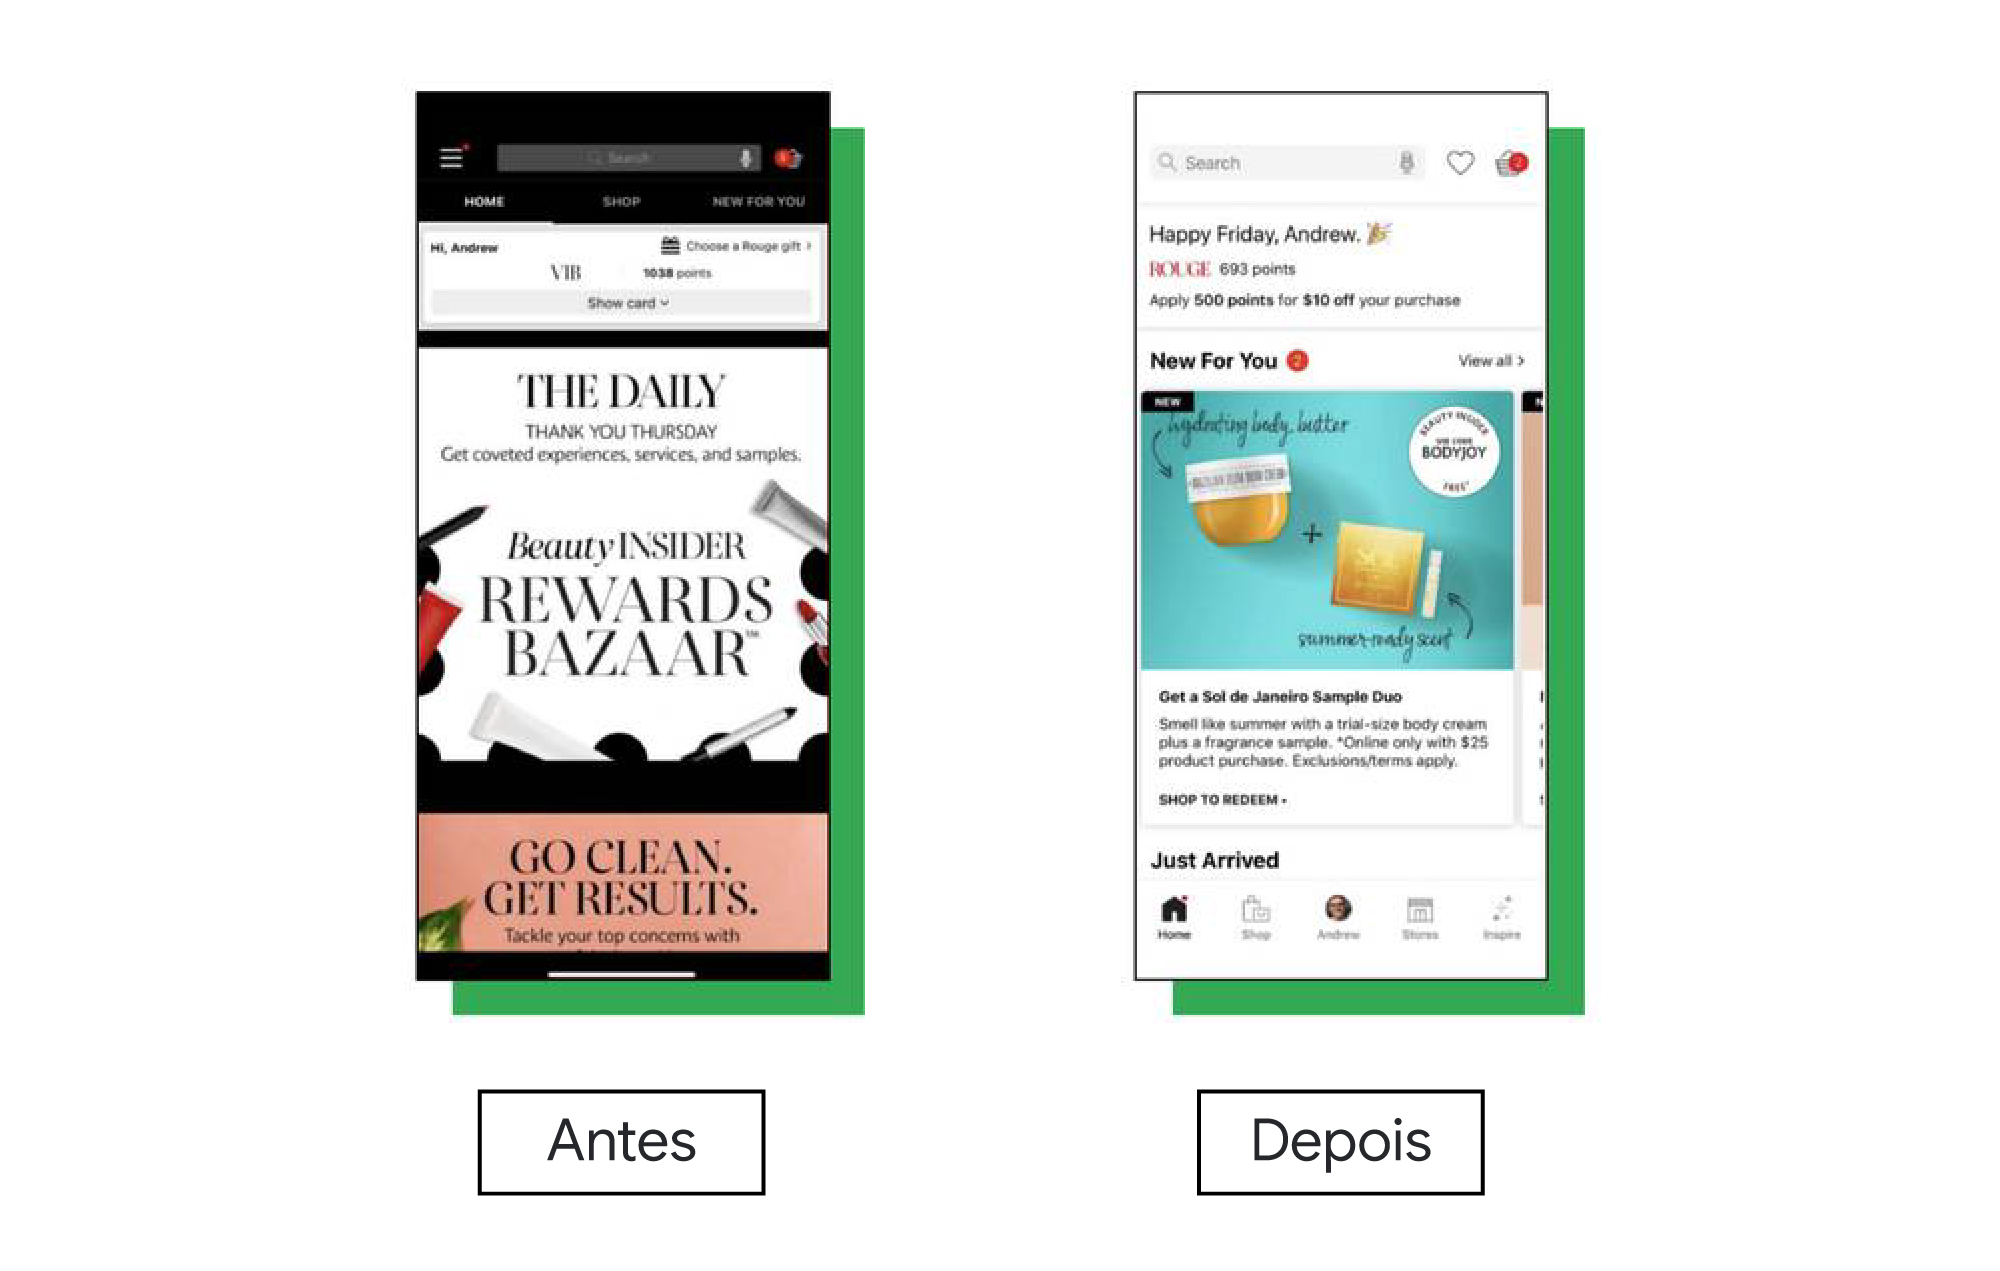 Veja como a Sephora apostou em novas experiências mobile para ter mais eficiência e resultados